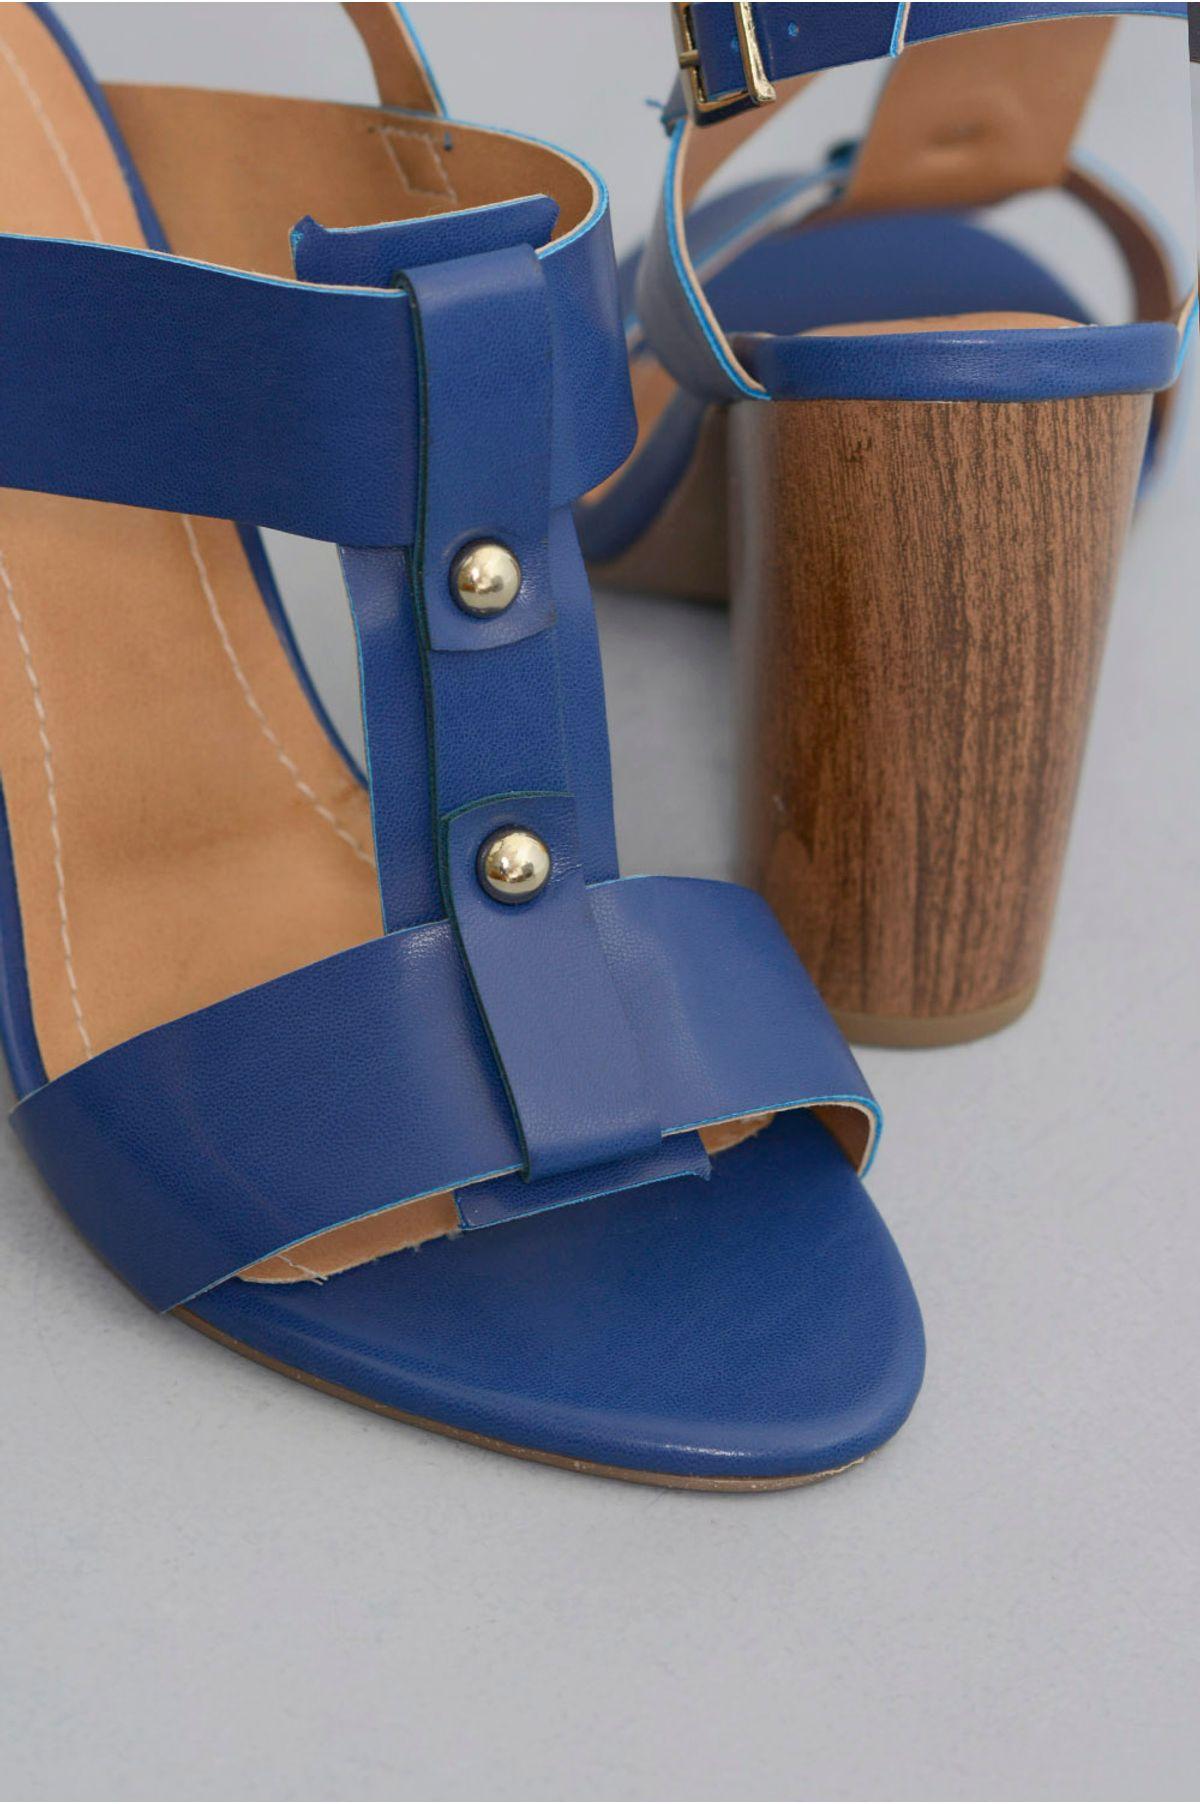 bf2018386 Sandália Salto Alto Costes Glenna   Mundial Calçados - Mundial Calçados